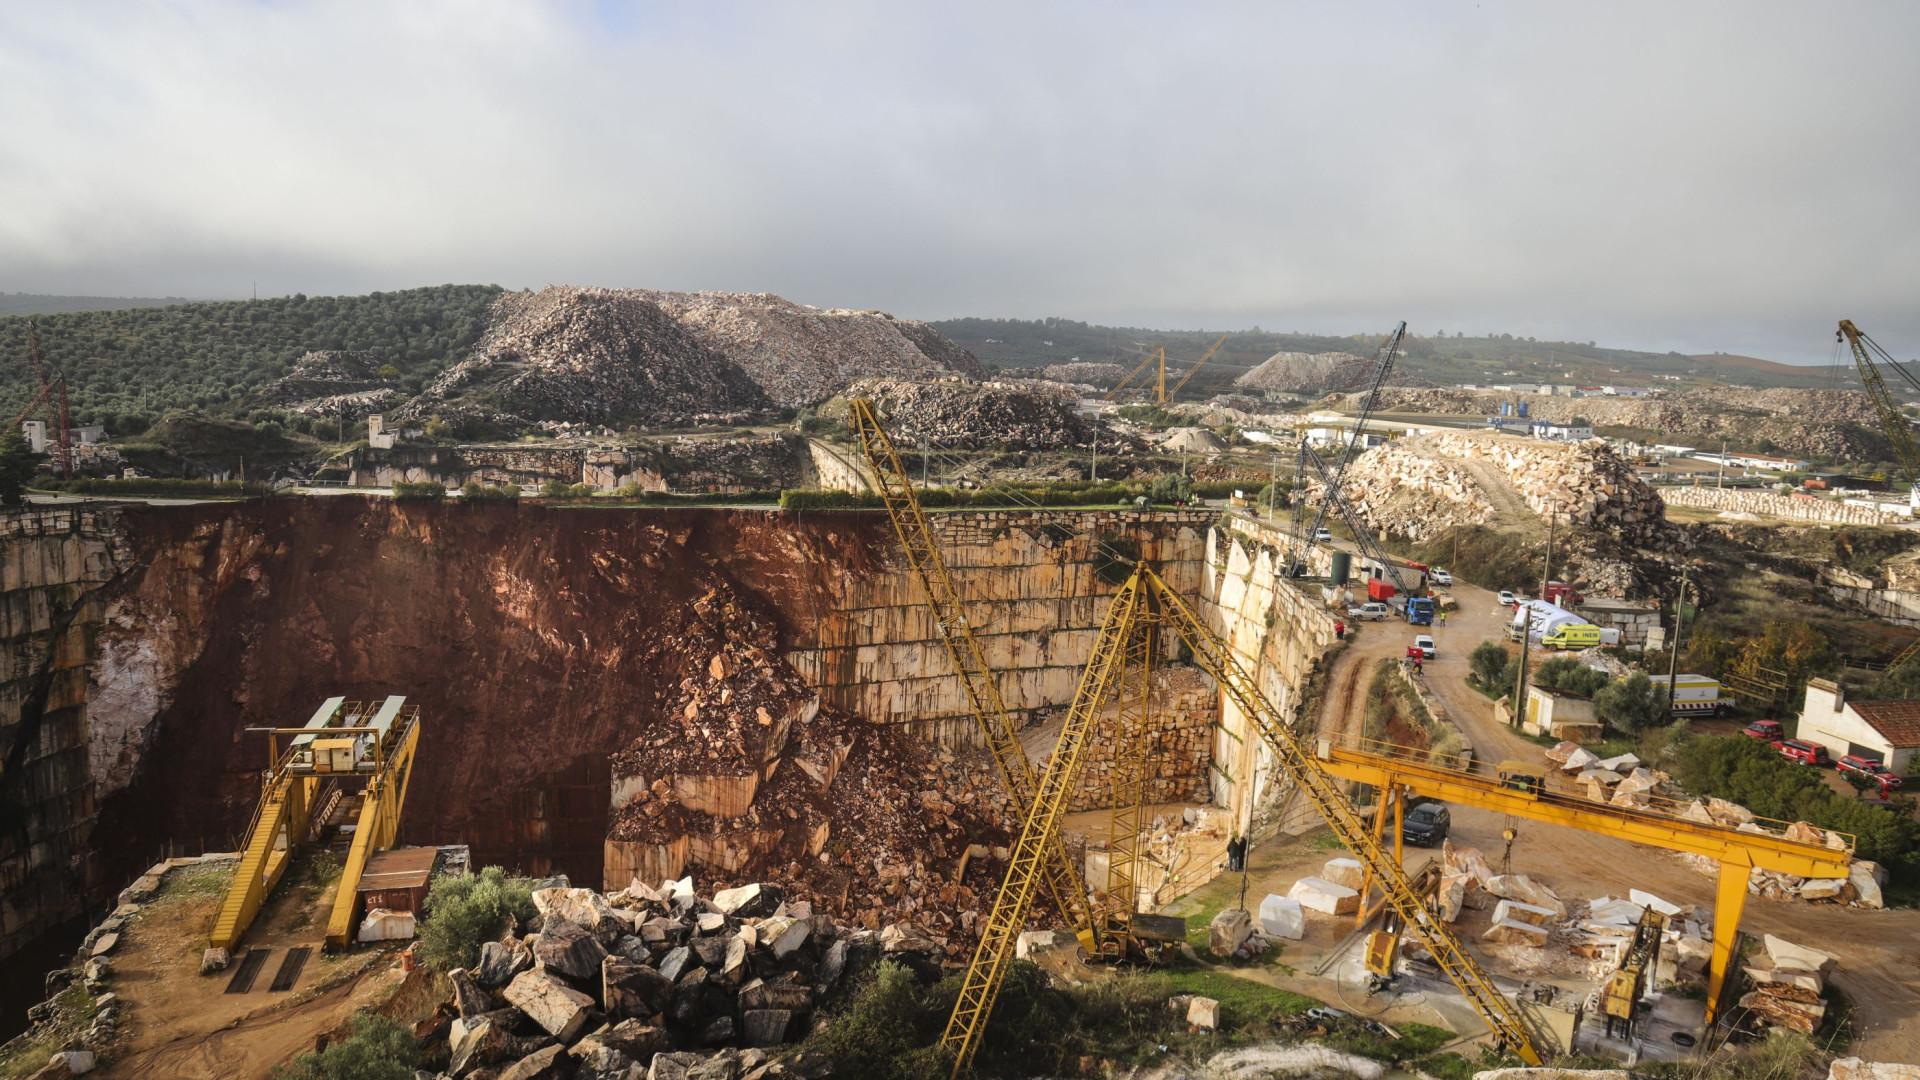 Geólogos alertam para risco de desabamento do restante troço da EN255